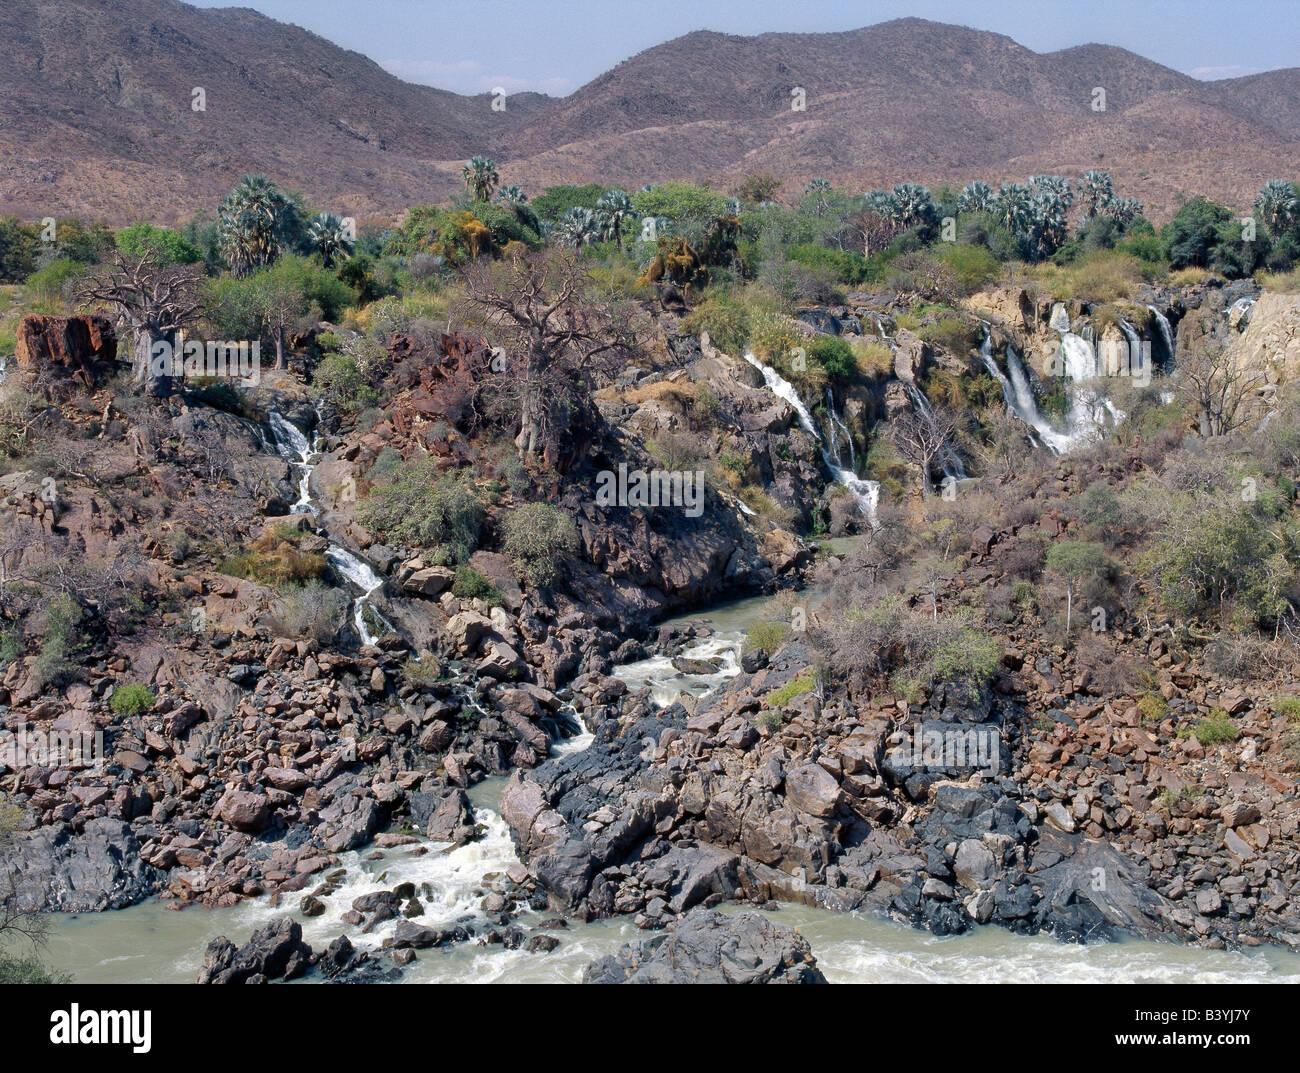 """La Namibie, Kaokoland, Epupa. Epupa Falls dans le nord-ouest de la Namibie sauvage sont une série de voies parallèles où la rivière Kunene tombe à 60 mètres dans un kilomètre et demi. Dans cette région éloignée, la rivière forme la frontière entre l'Angola et la Namibie. Epupa '' dans la langue Herero local signifie """"eaux chute'. Banque D'Images"""